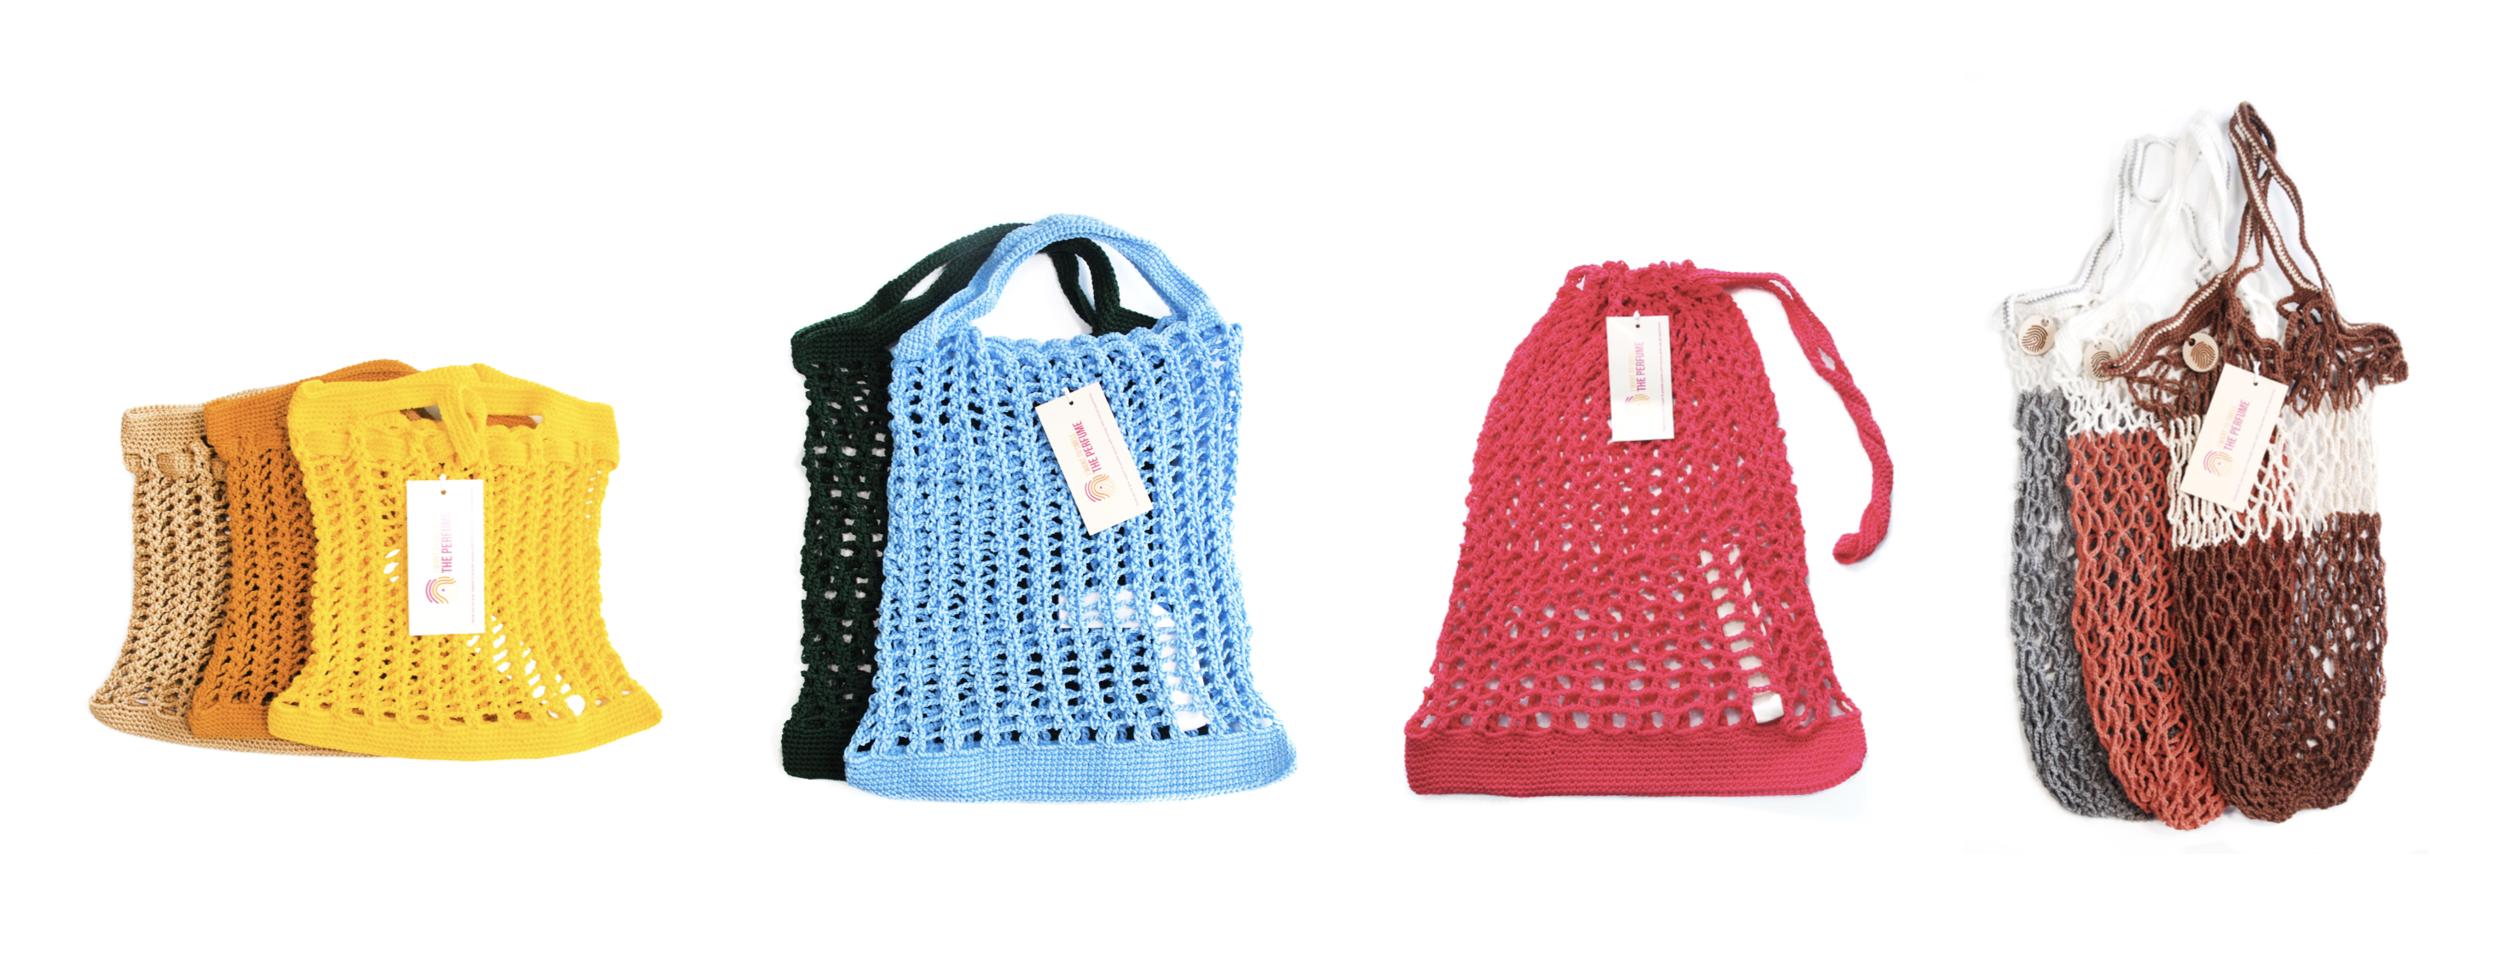 From left to right: M Basket, SB (Shopping Basket), L Basket and Margaret Basket.